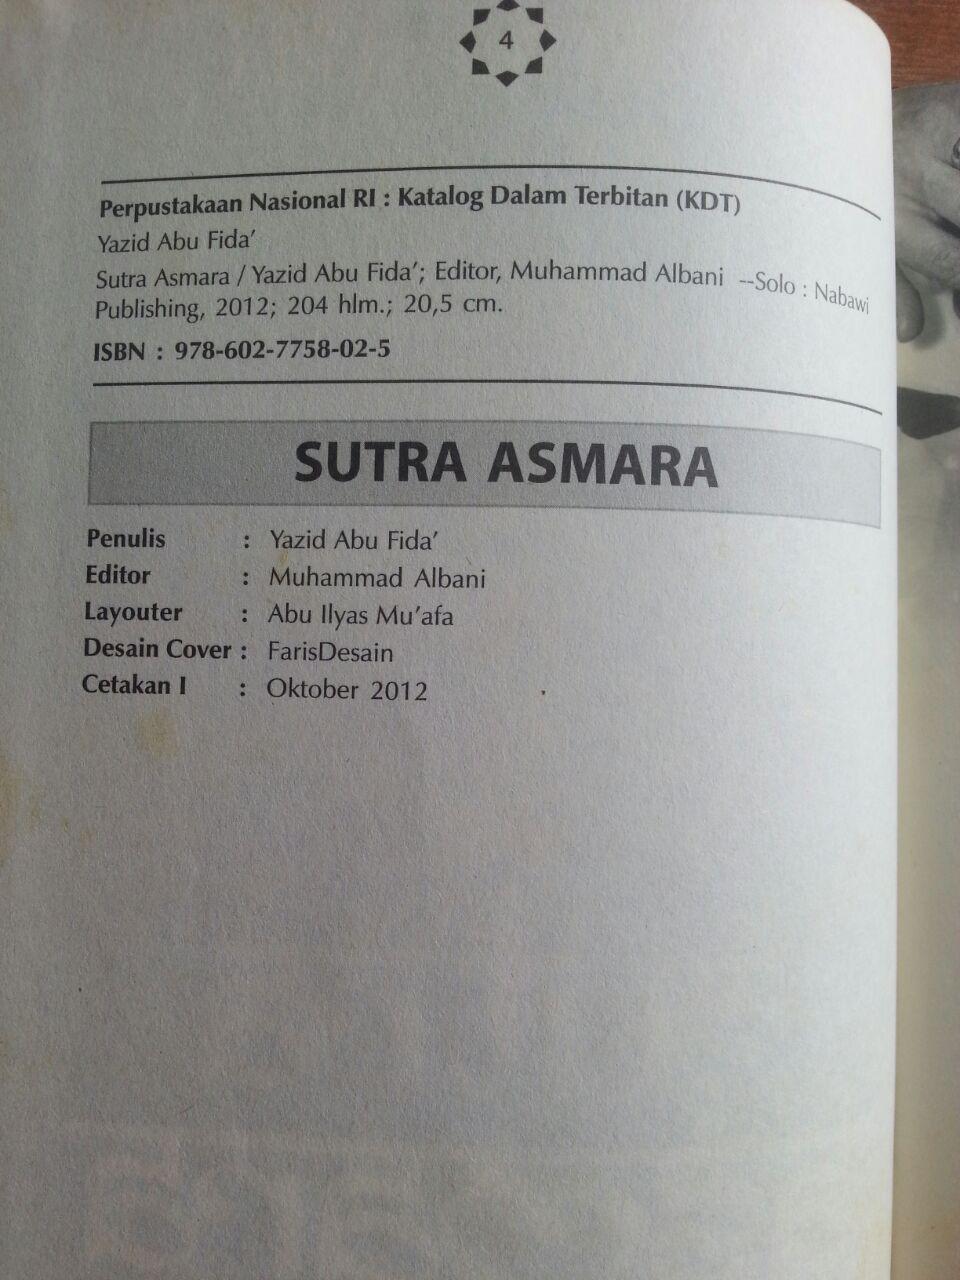 Buku Sutra Asmara isi